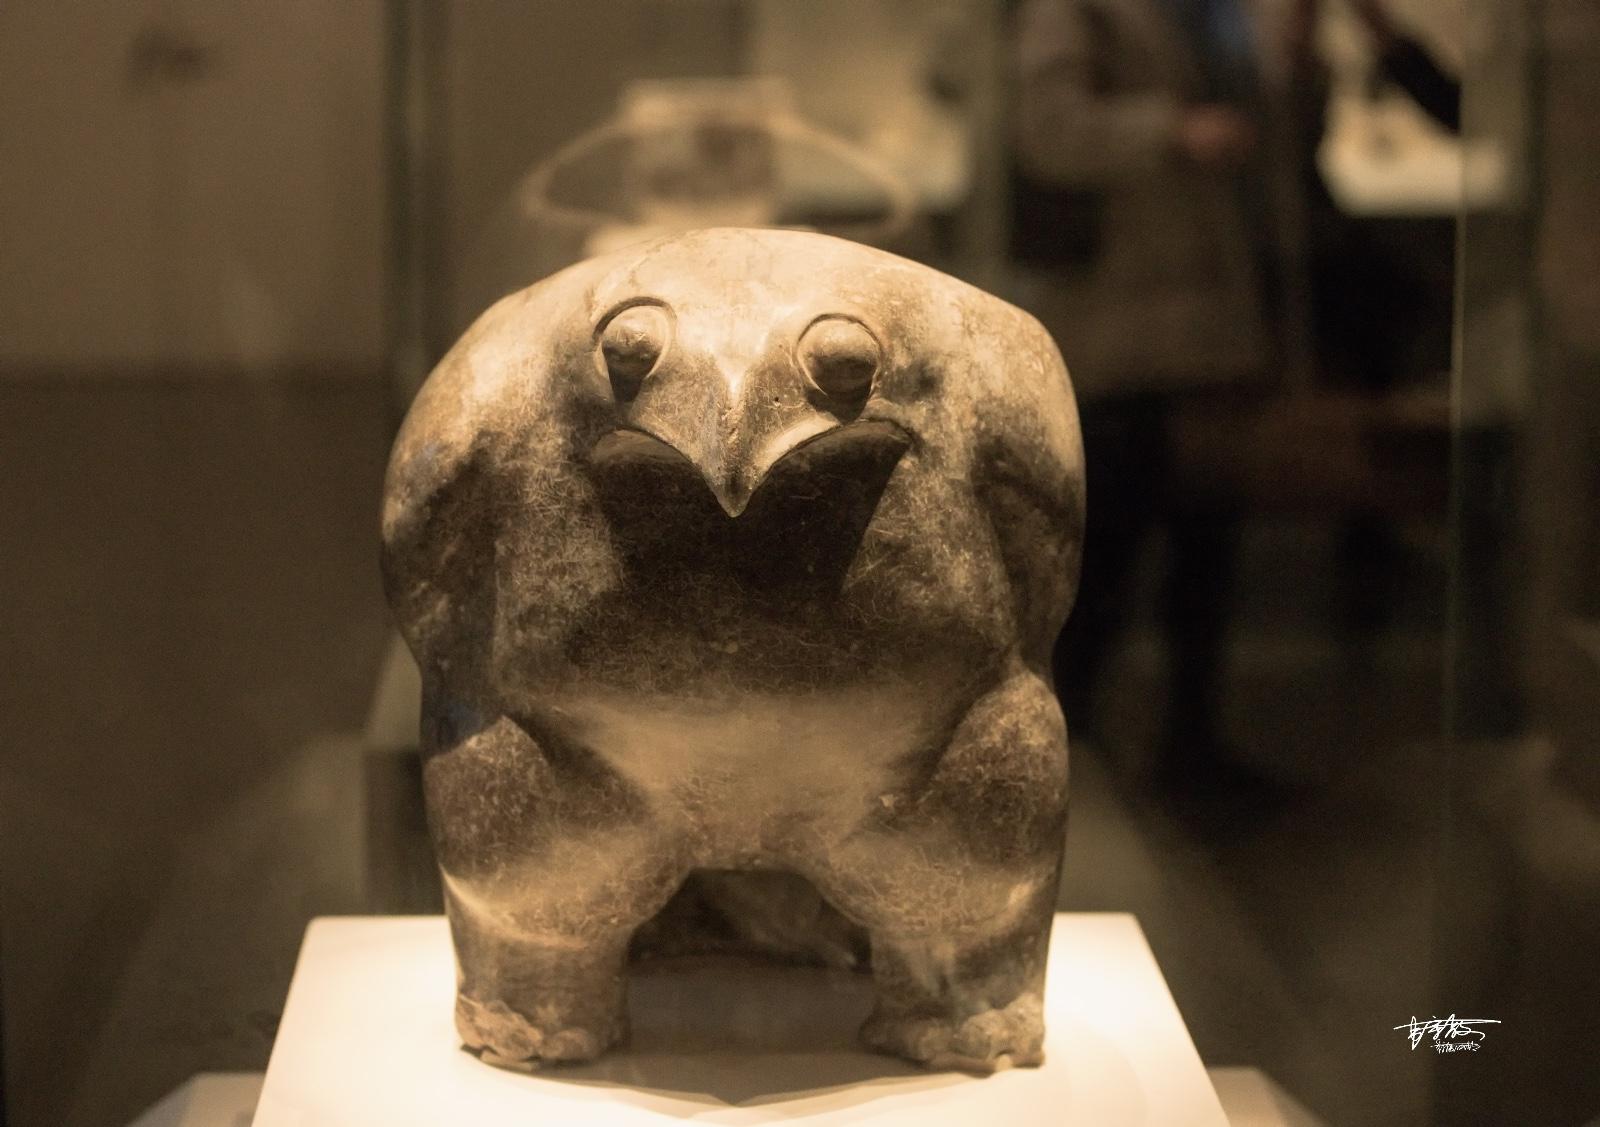 【美图Pick计划】后母戊鼎、四羊方尊、鹰形陶鼎,你想看的国宝都在这个博物馆里